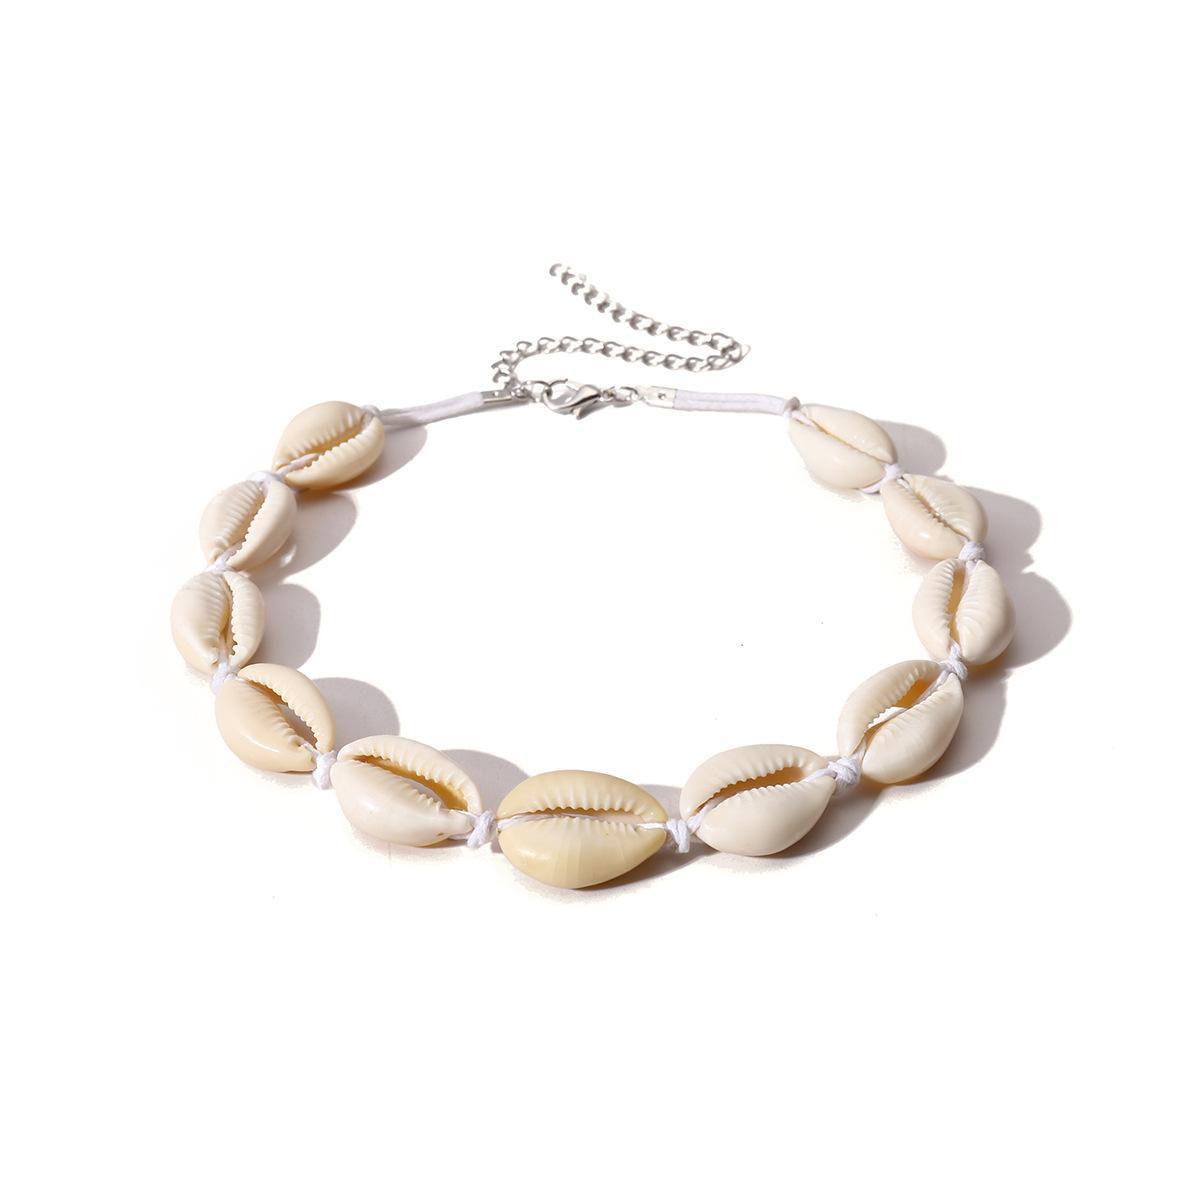 Nuevo modelo de moda de Bohemia ahogador de la vendimia collar hecho a mano de alta calidad de forma natural de las mujeres baratas de concha collar de gargantilla de joyería